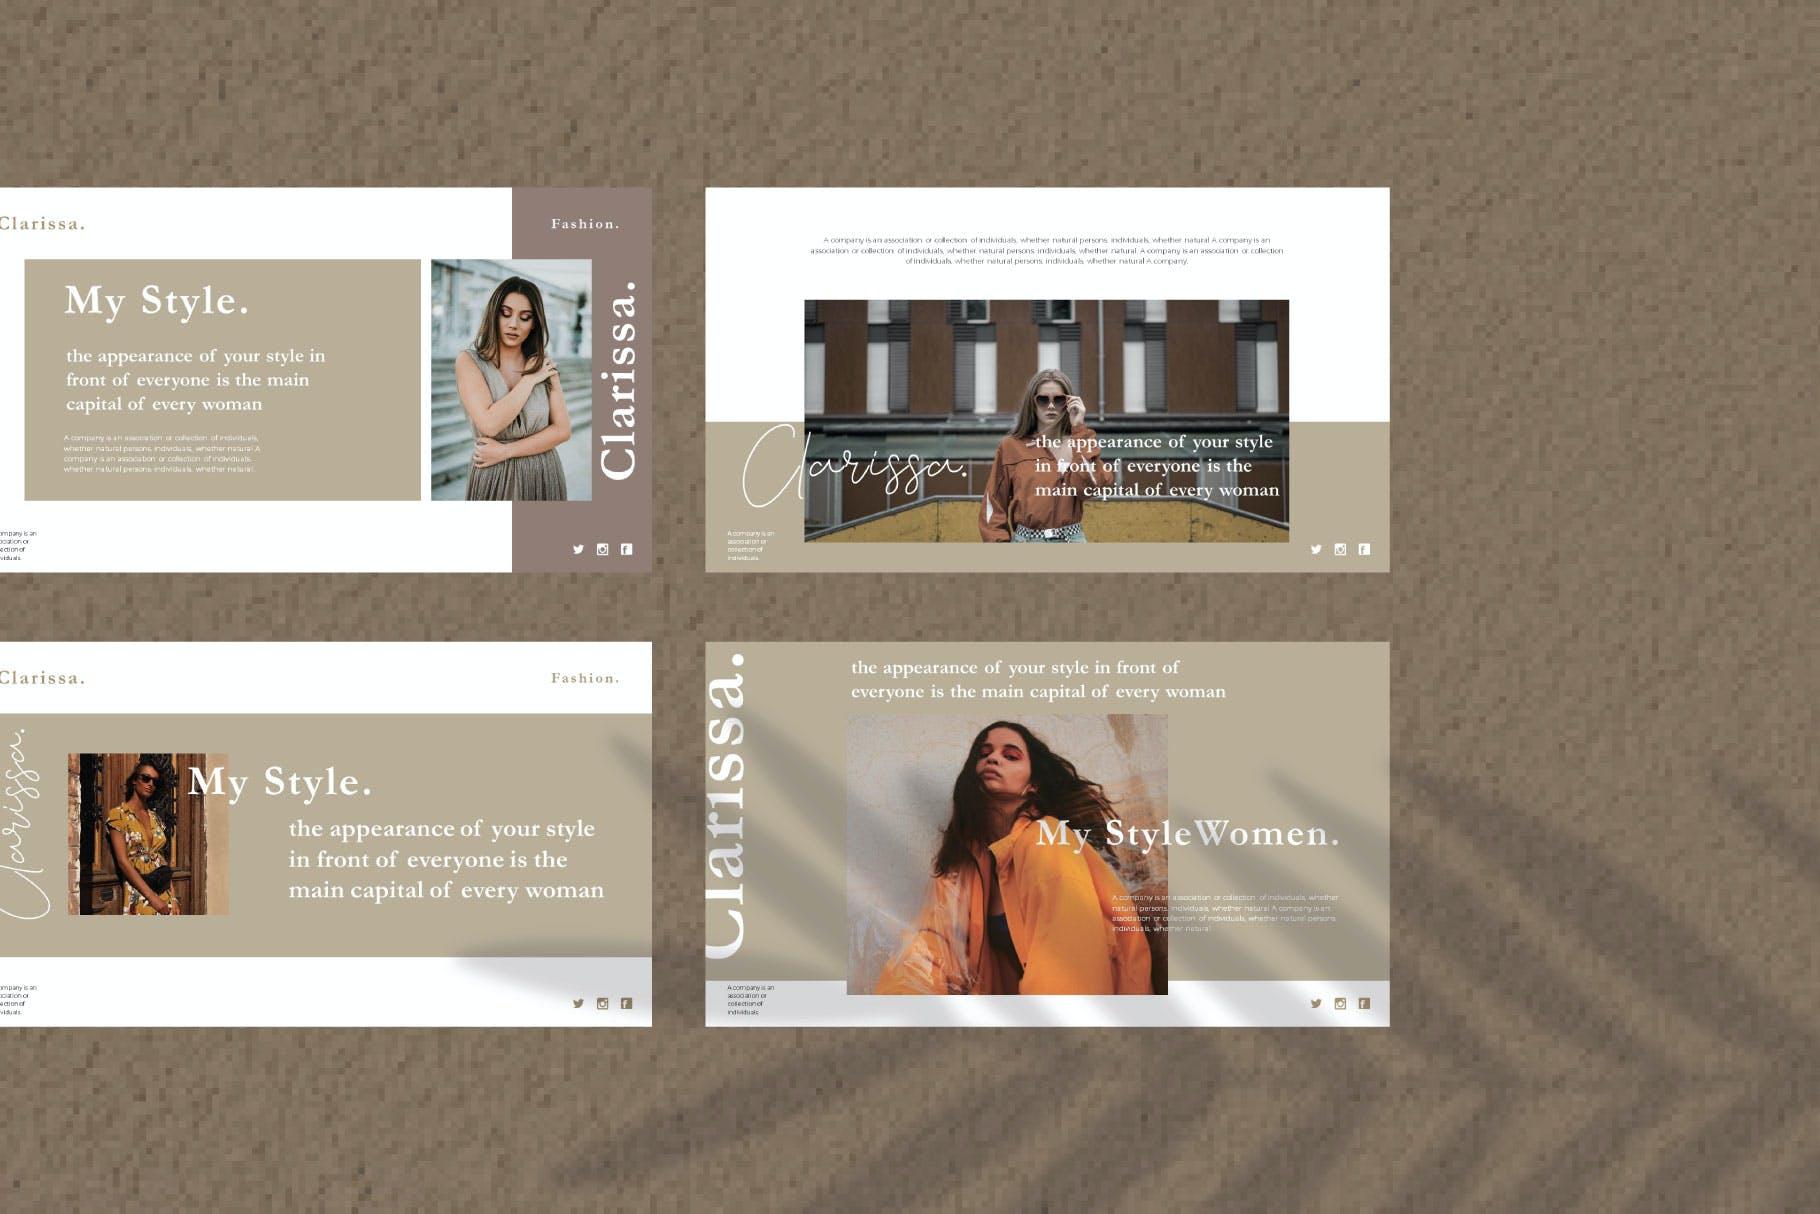 时尚简约摄影作品集图文排版幻灯片设计模板 Clarissa Bundle Presentation插图1